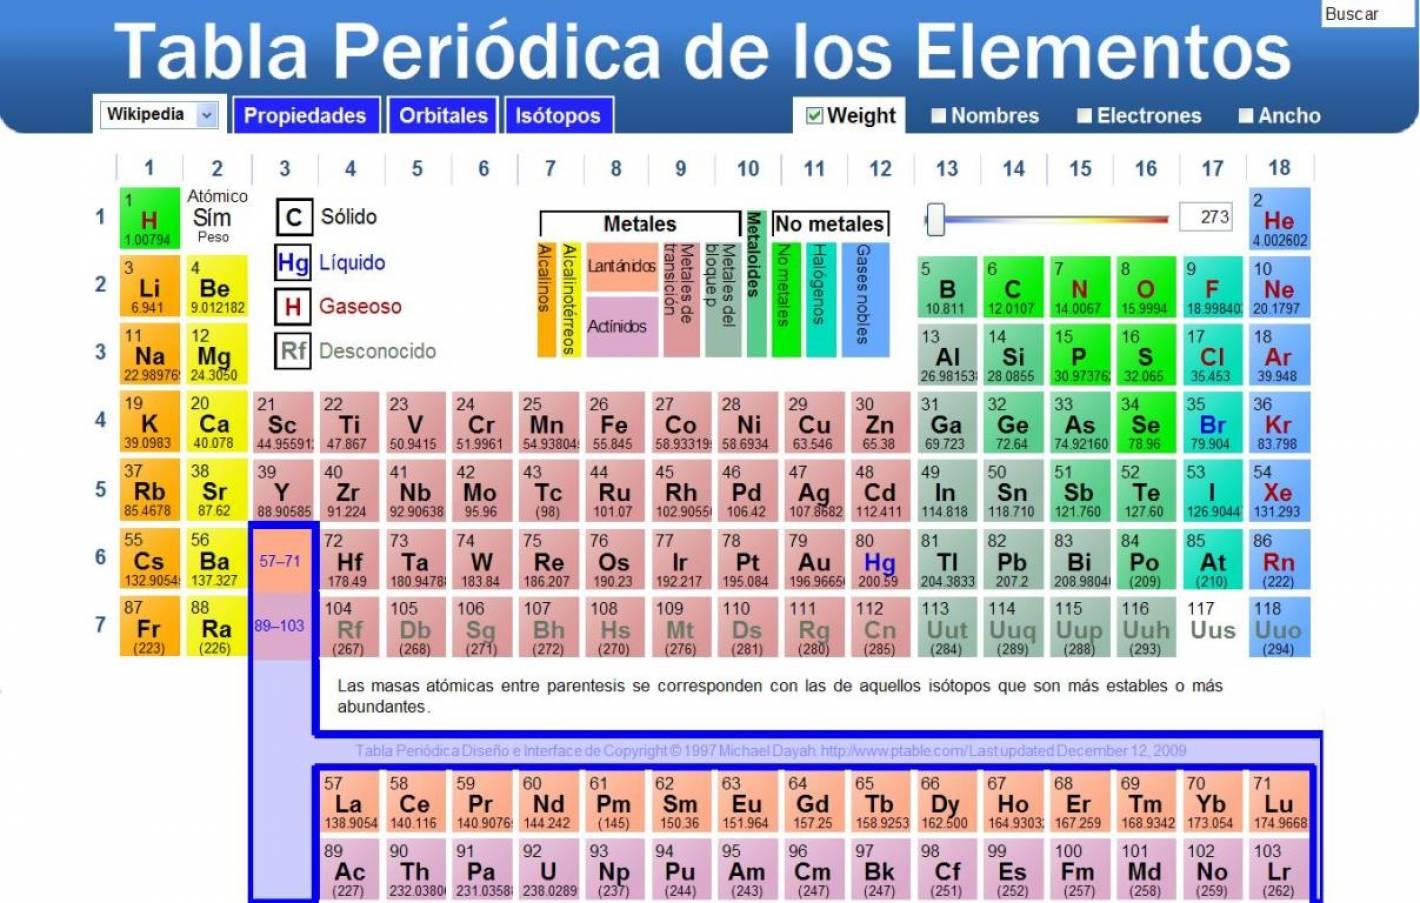 Te acords de la tabla peridica hallaron el elemento 113 mendoza lo confirm un equipo japons y el elemento se denomina uruntrio urtaz Images